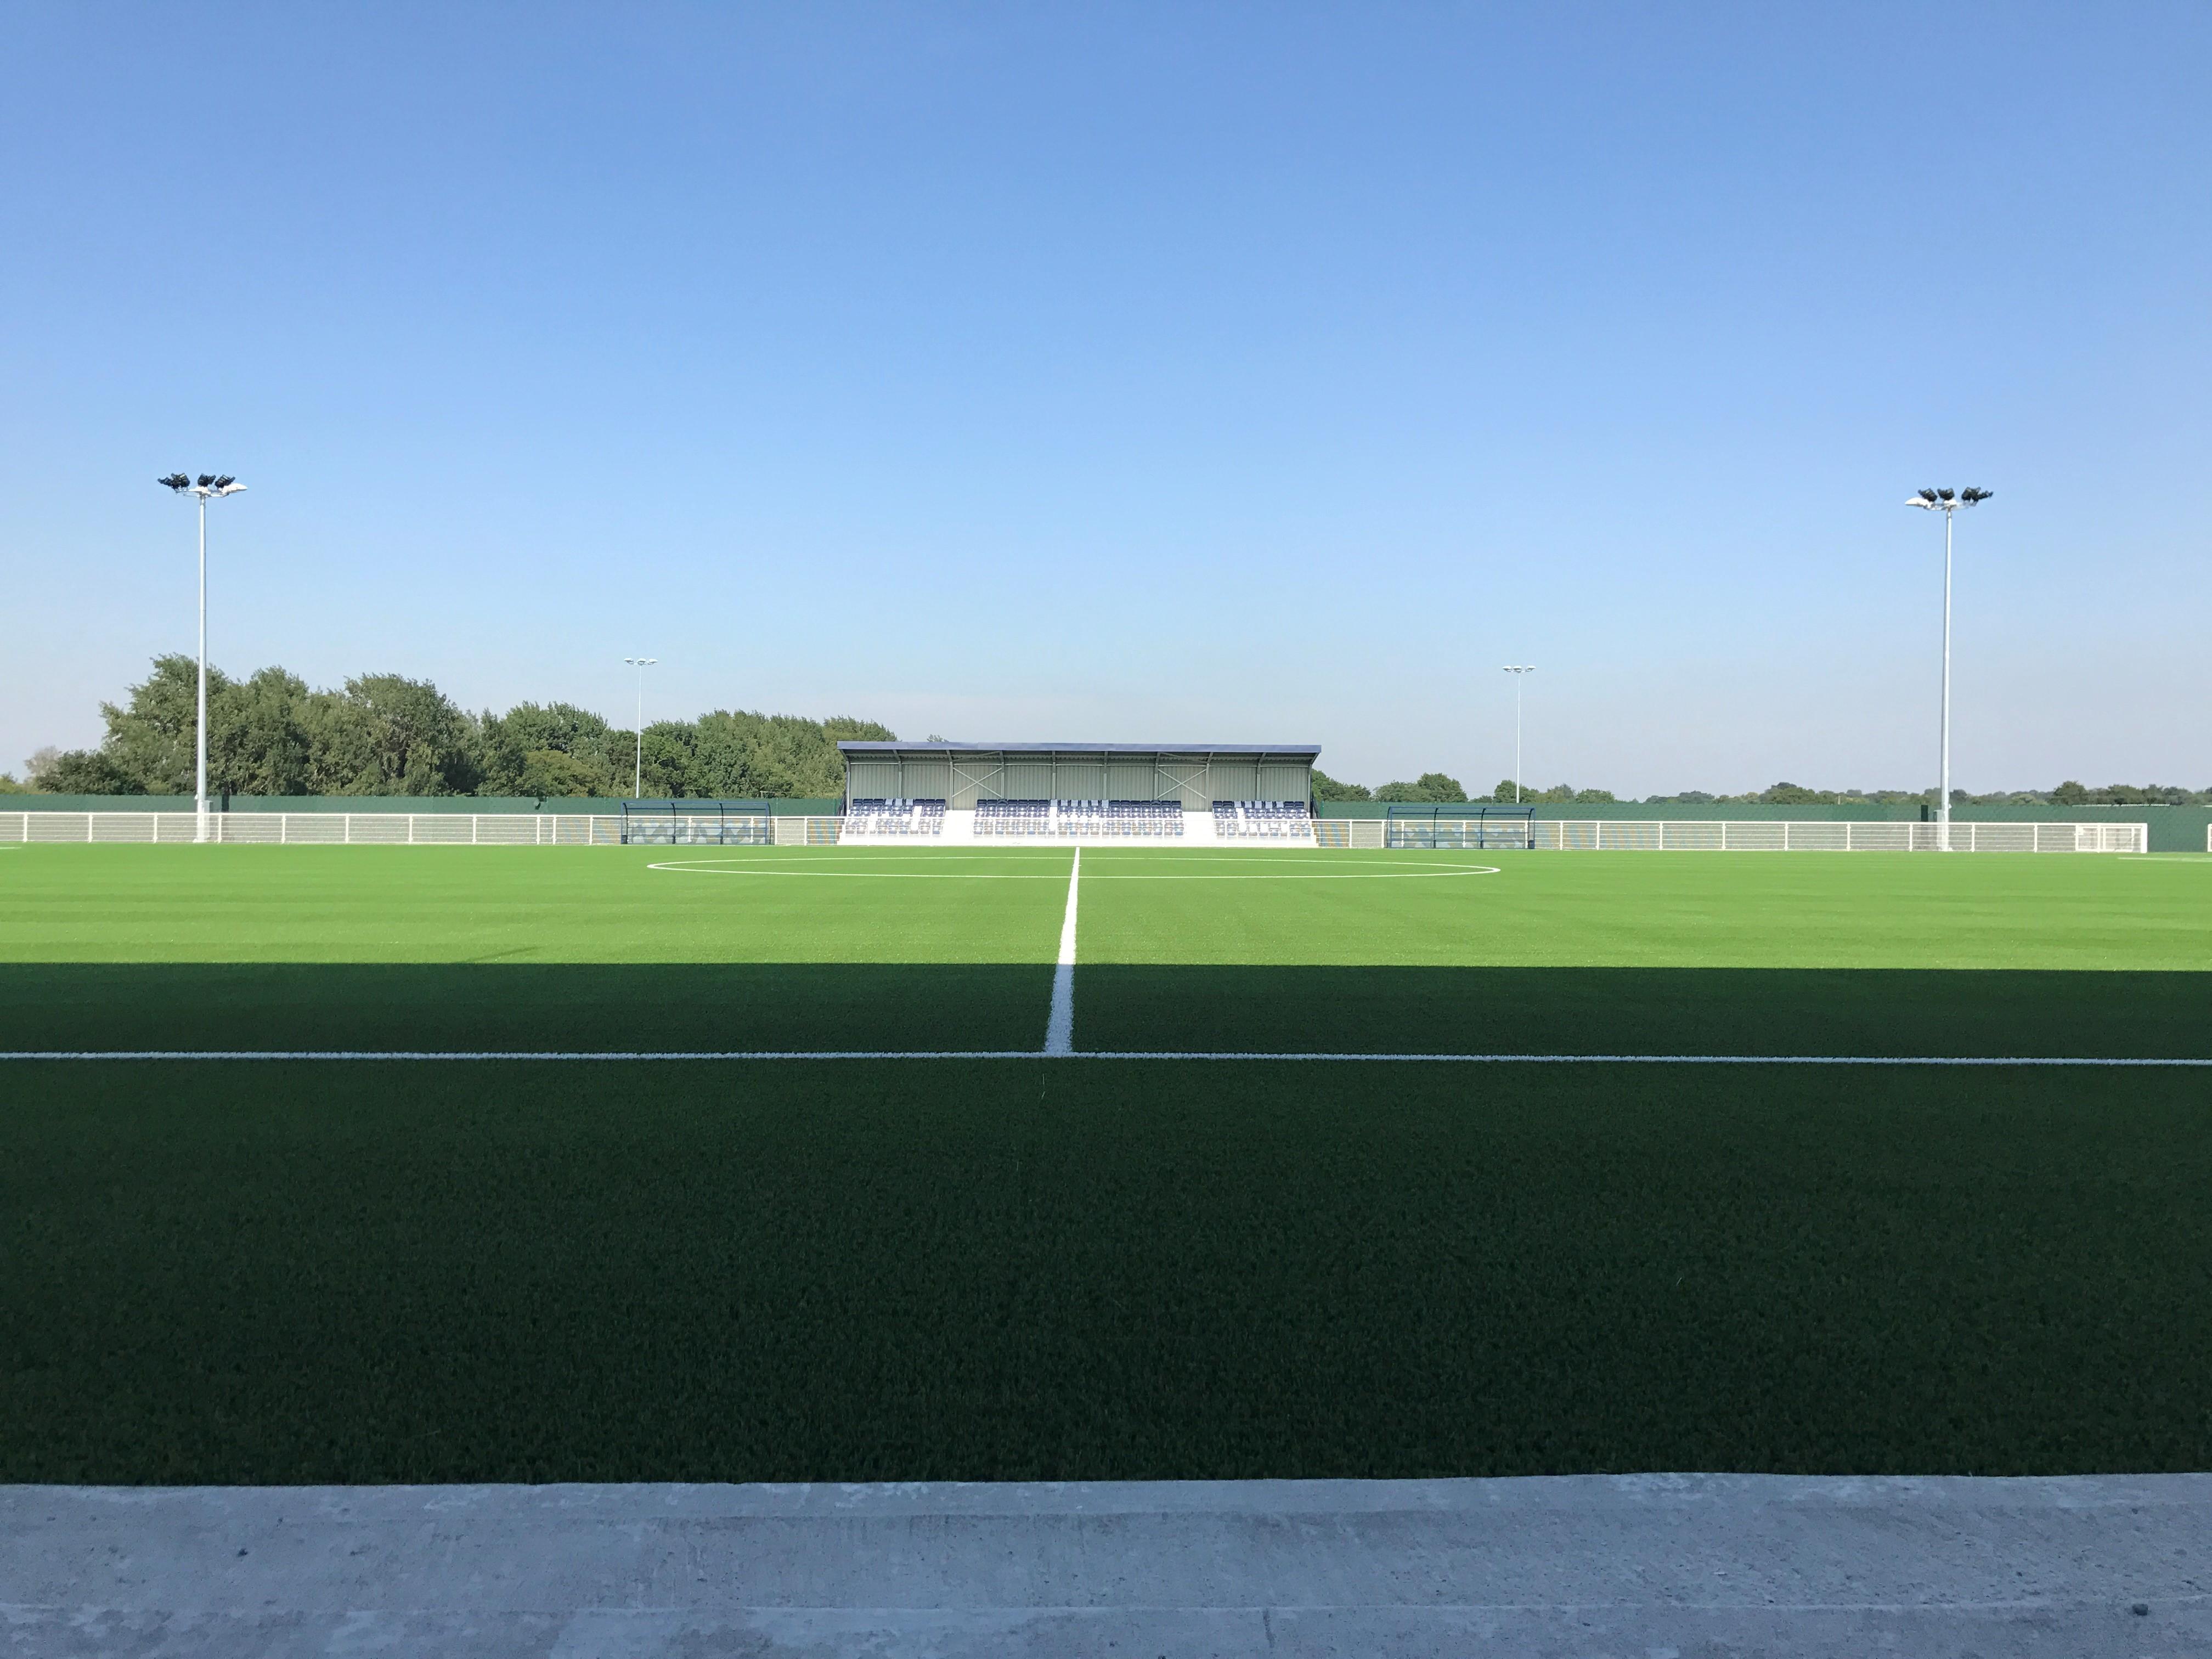 artificial turf grass saltex drop unisport parkside aveley football club england